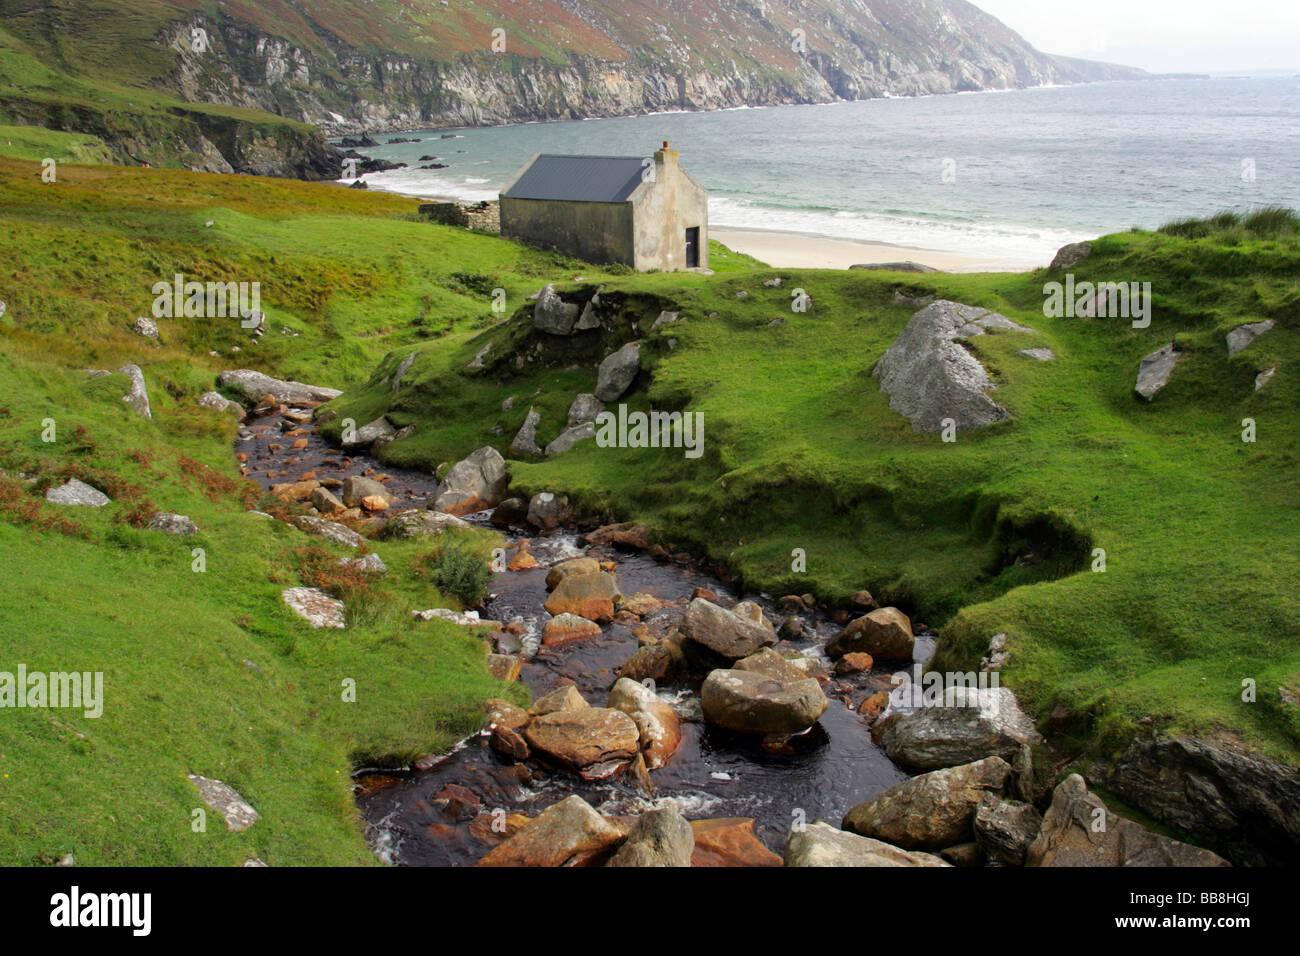 Stone cottage on coast near Keel, Achill Island, County Mayo, Ireland - Stock Image